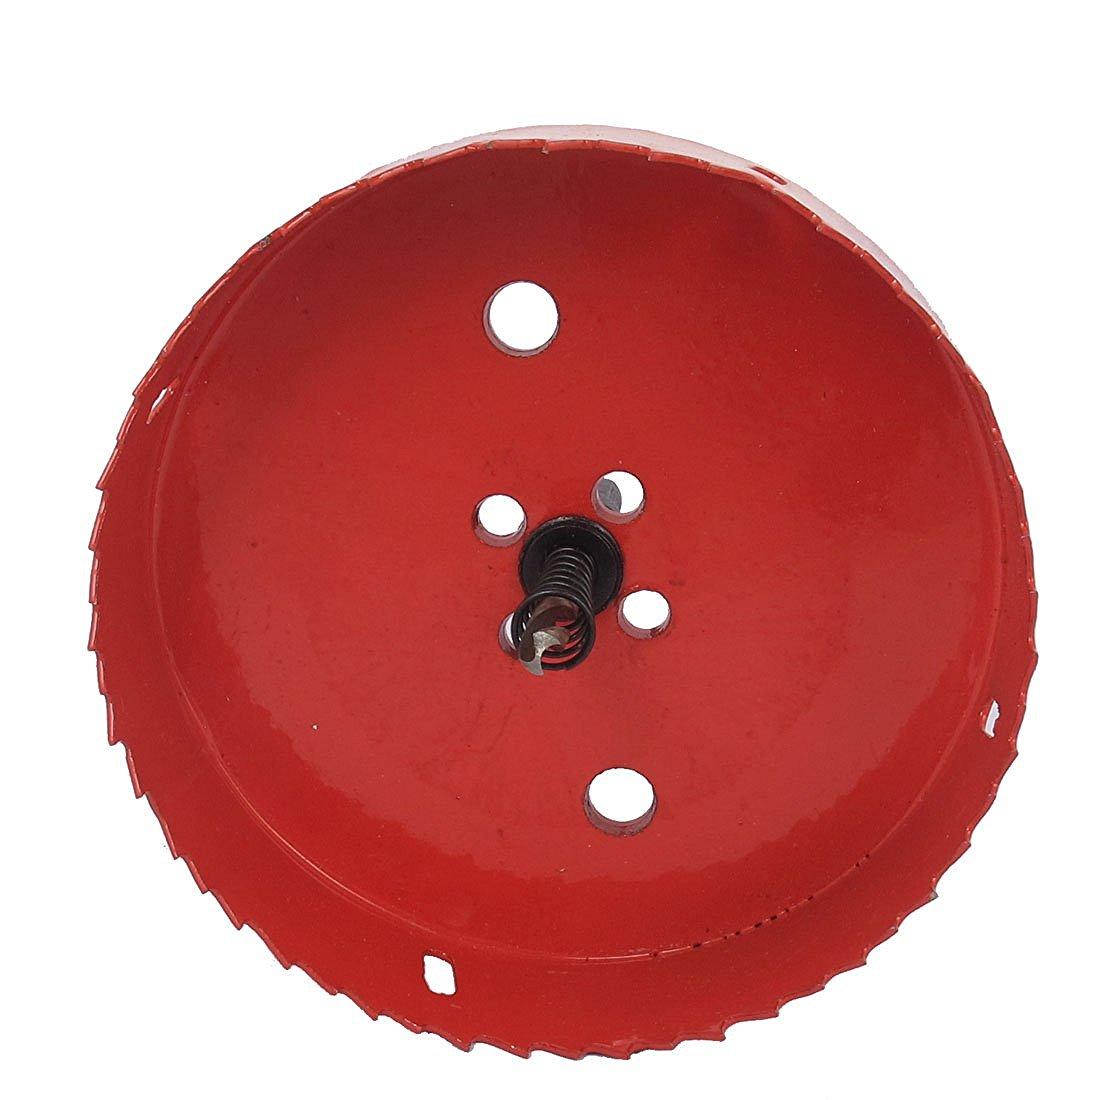 HHTL-6mm Drill Bit 130mm Cutting Diameter Hole Saw Red for Drilling Wood 6mm drill bit 145mm cutting diameter